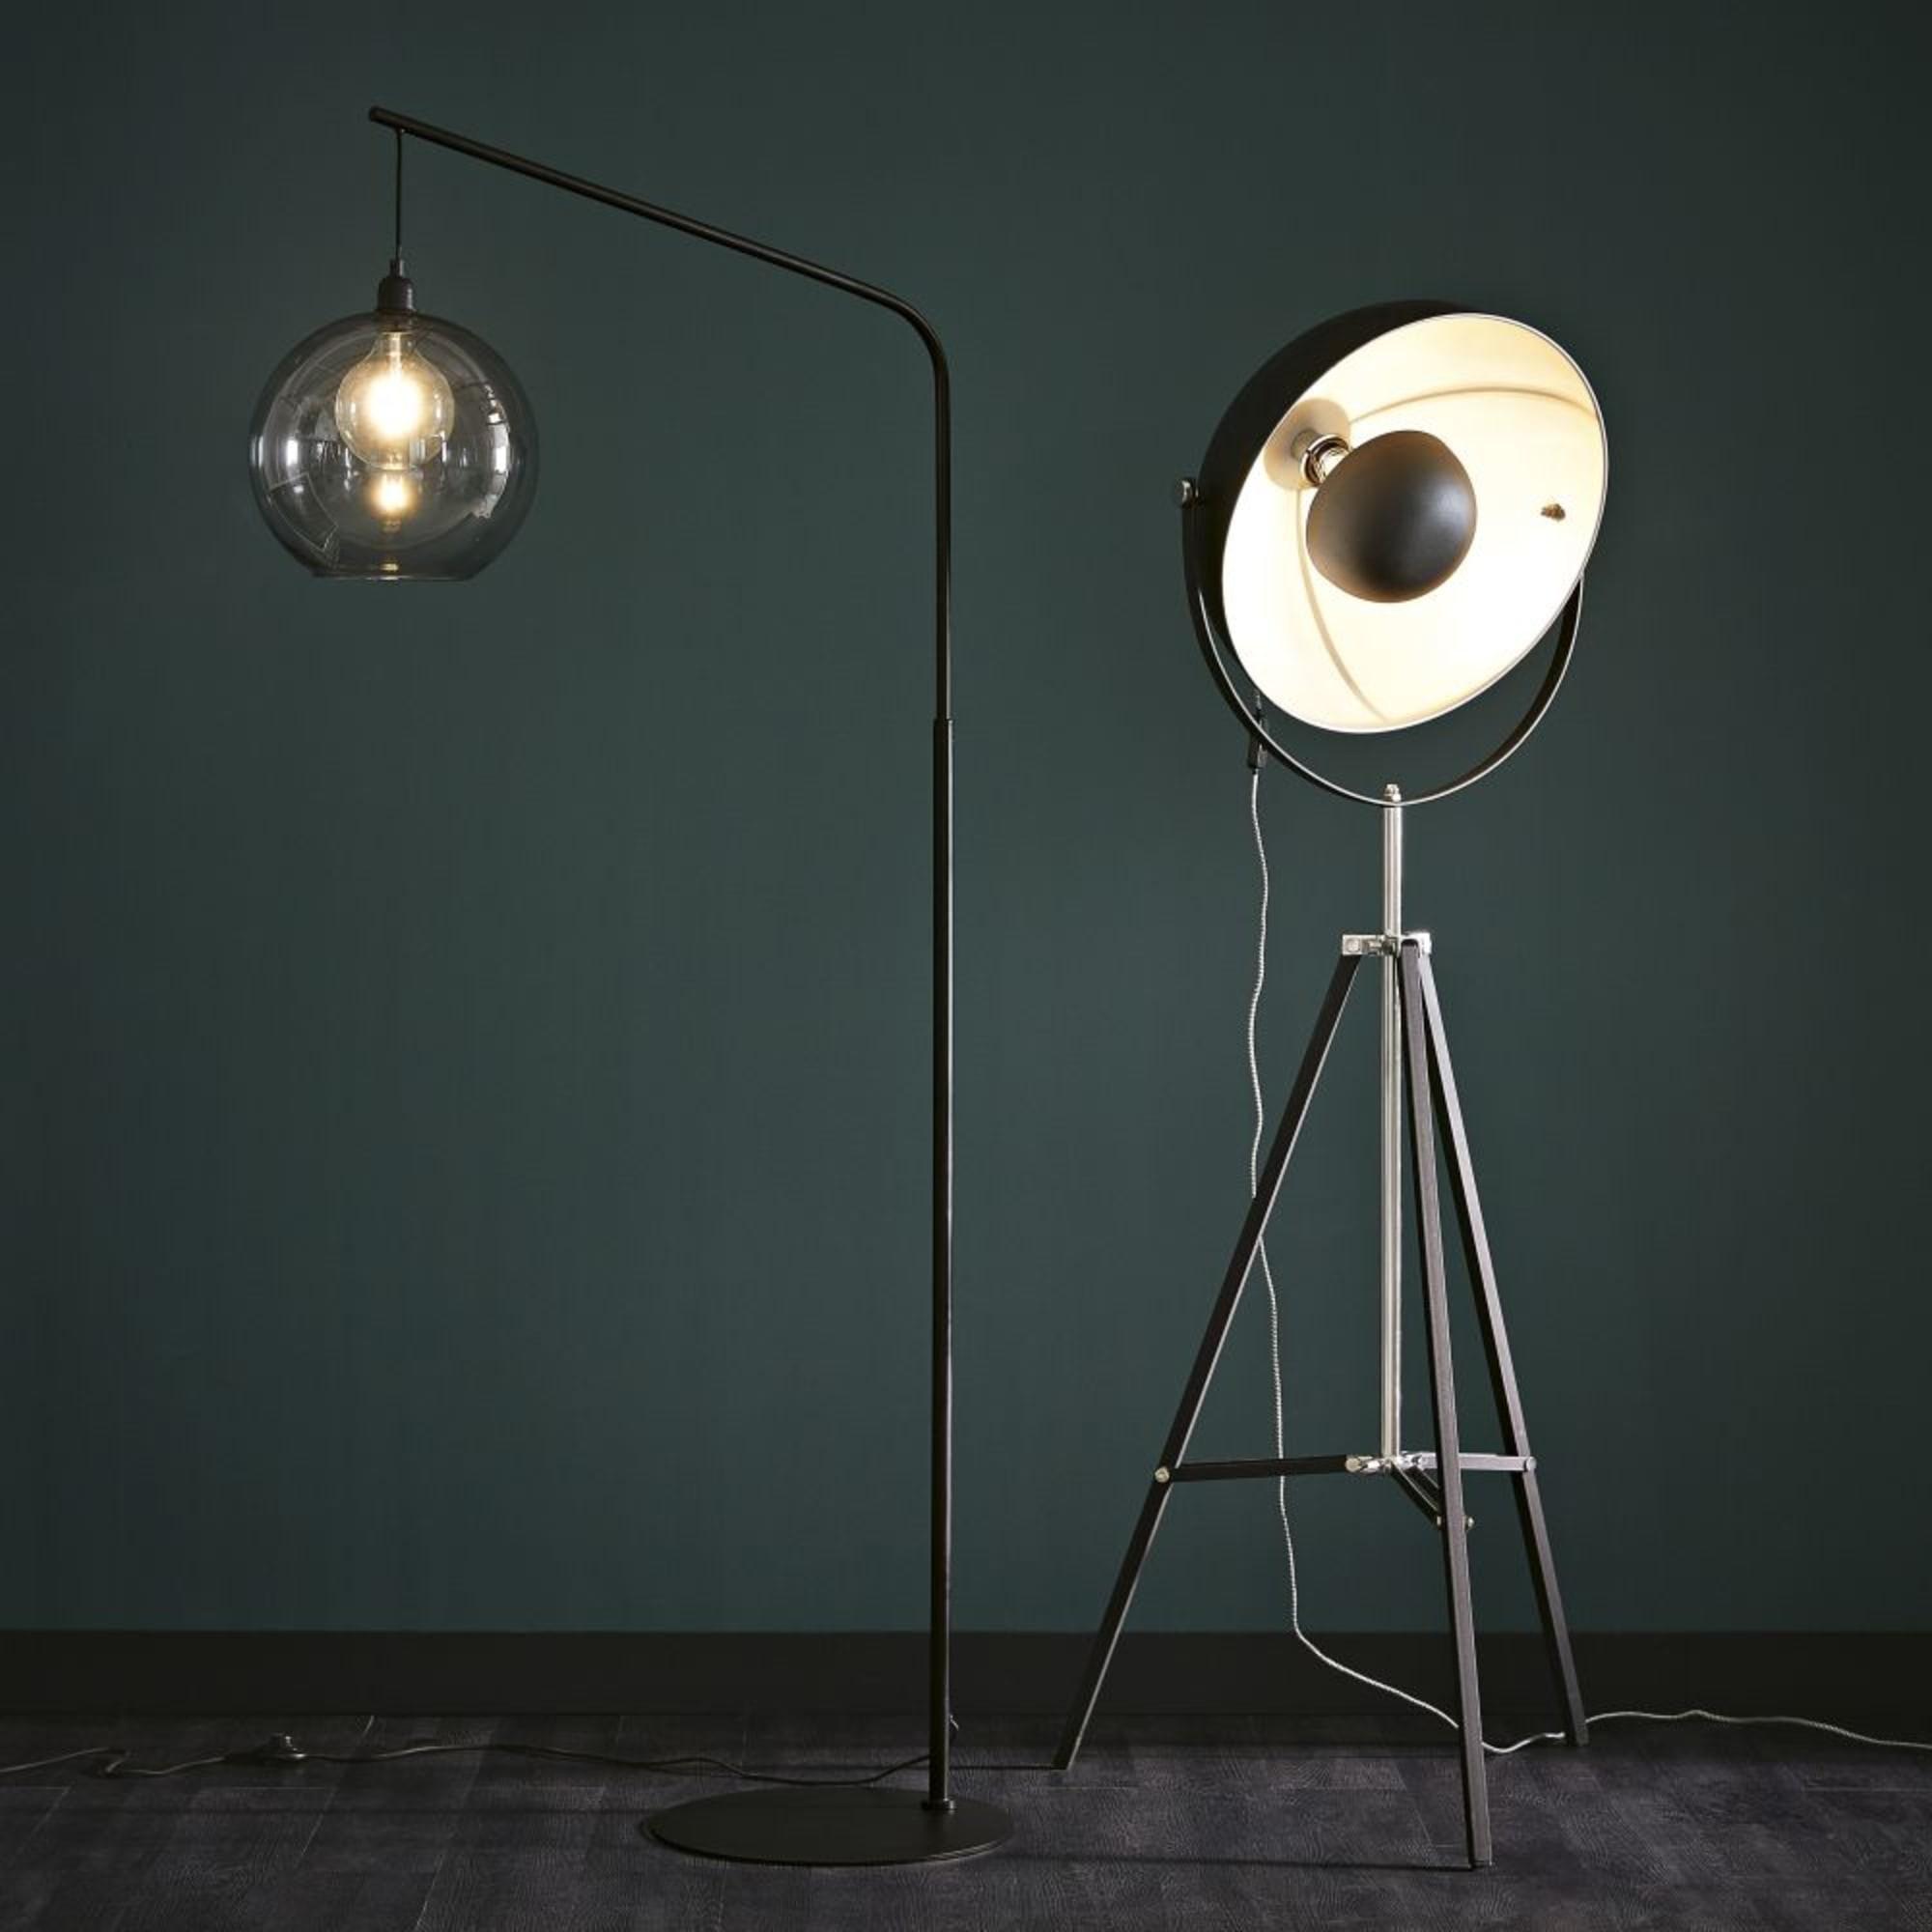 Đèn sàn studio Phera cao cấp được nhập khẩu từ Ý